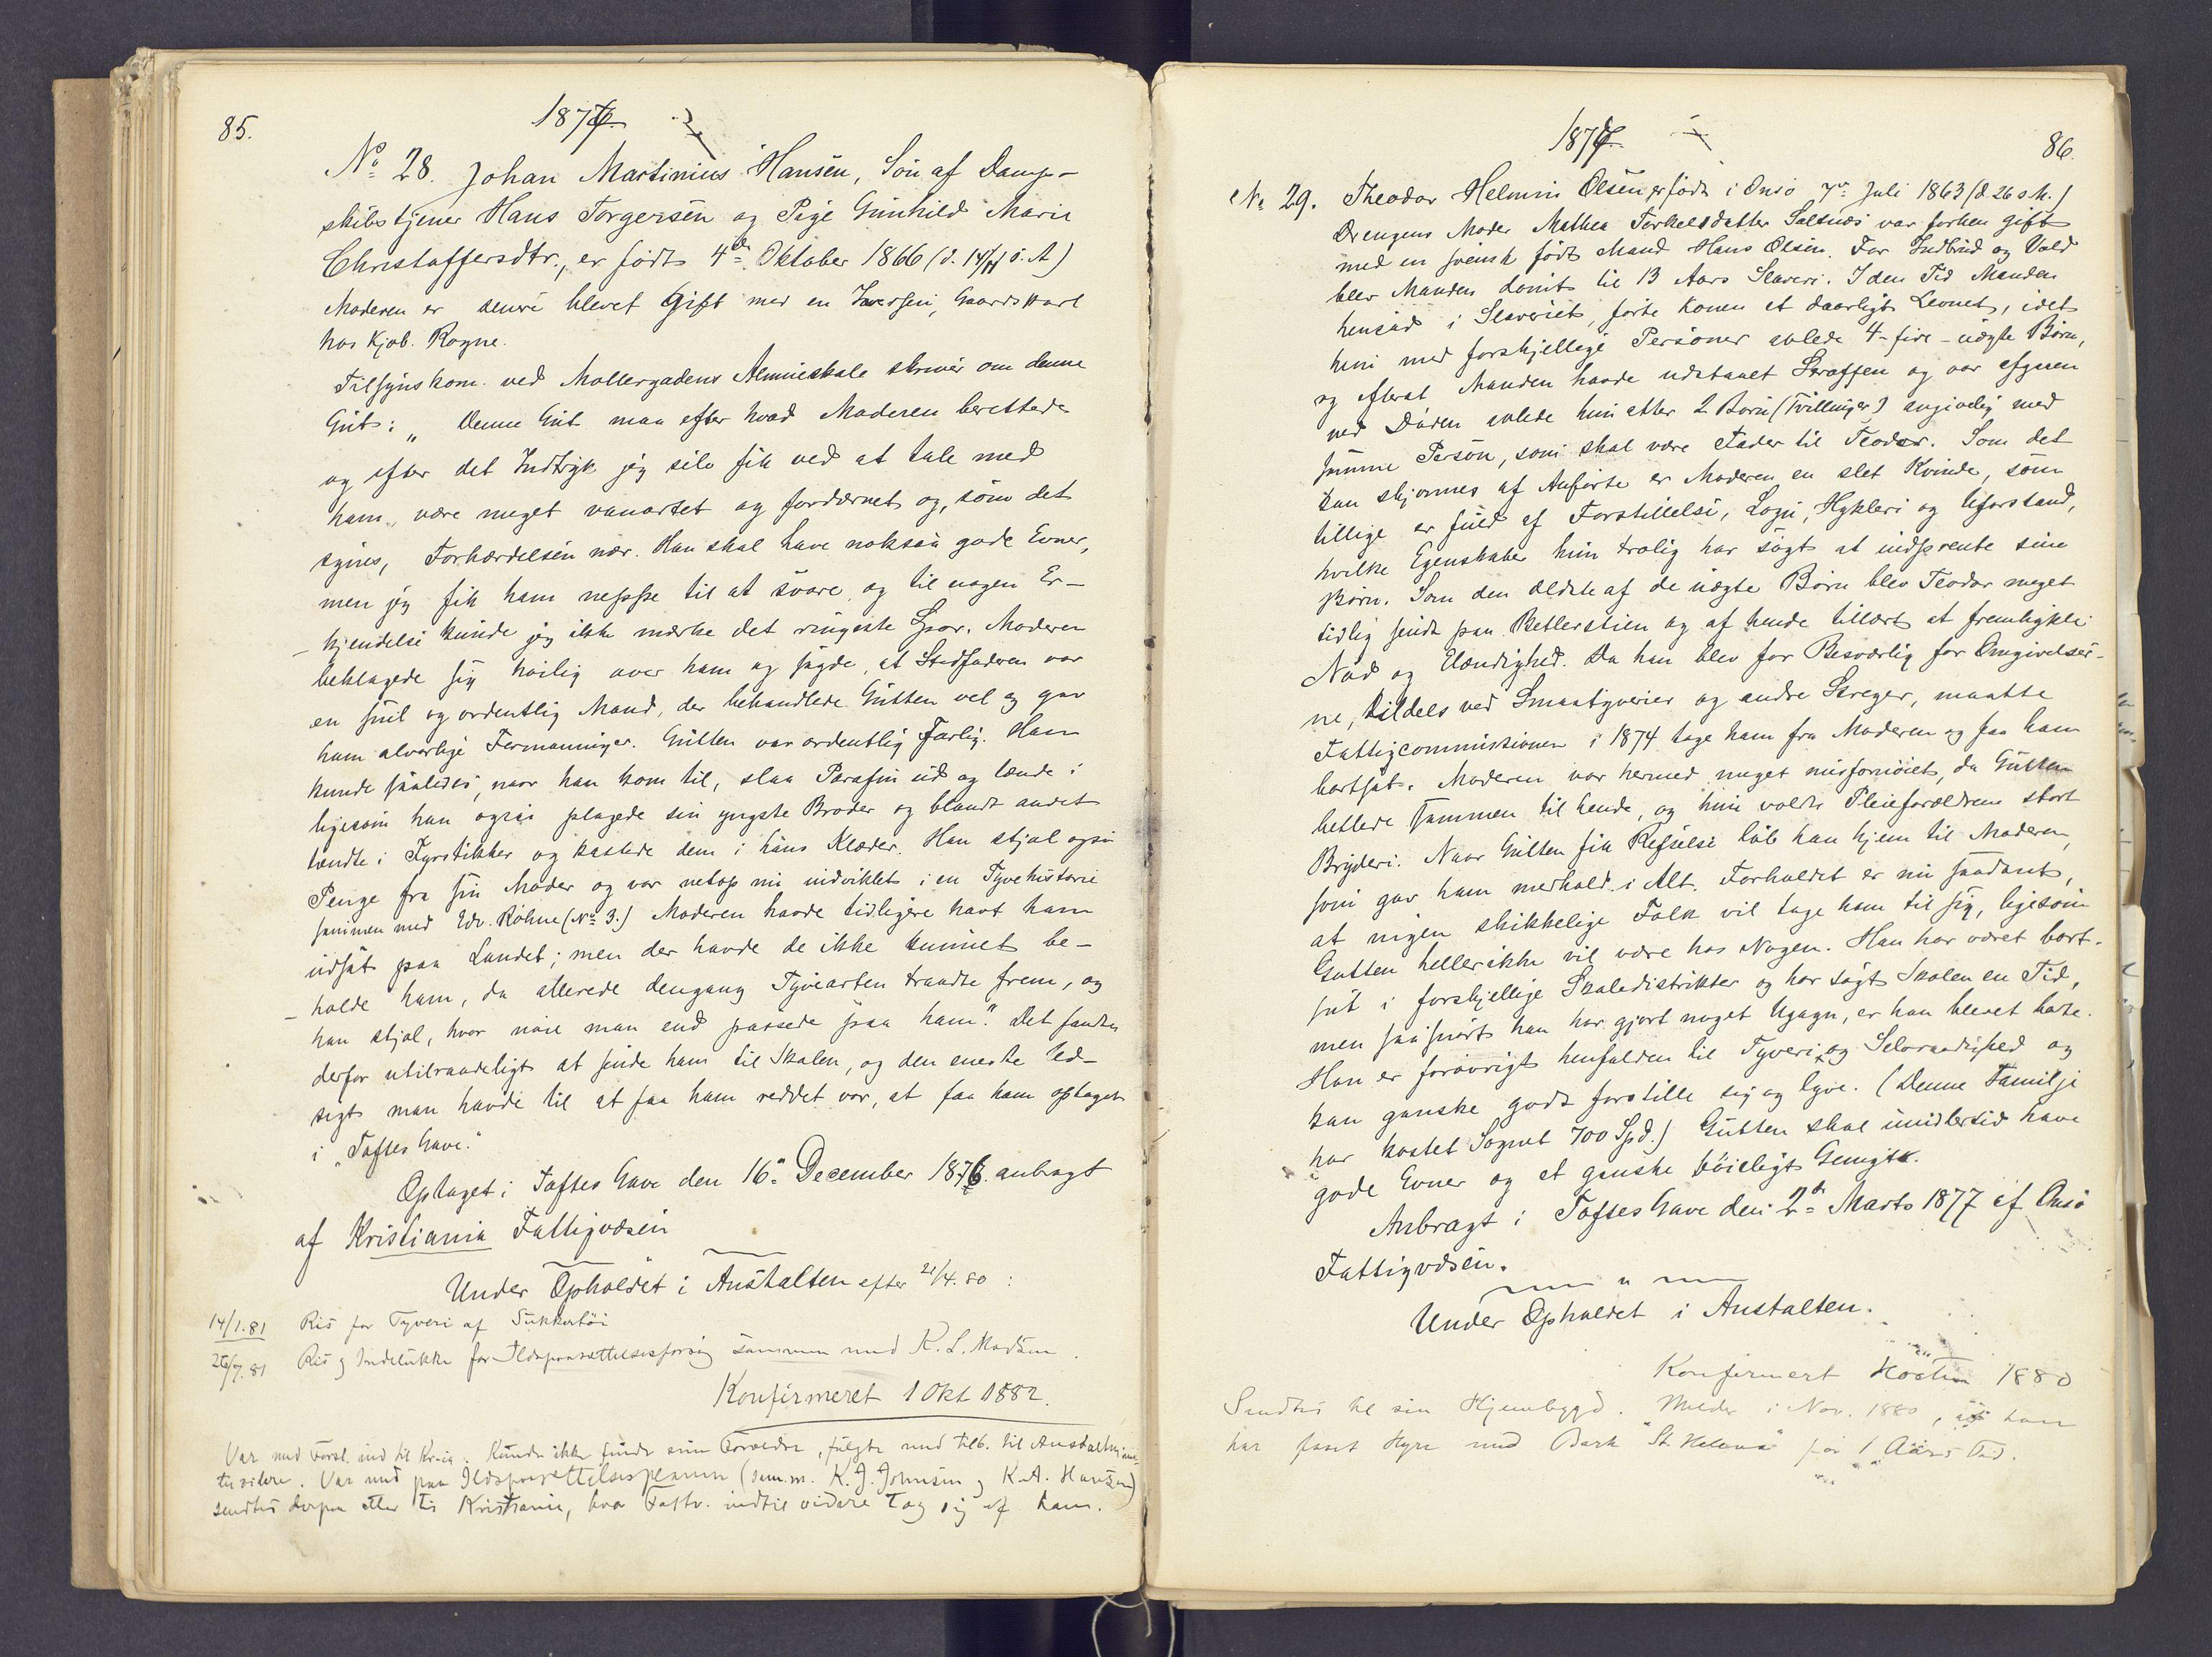 SAH, Toftes Gave, F/Fc/L0002: Elevprotokoll, 1870-1885, s. 85-86